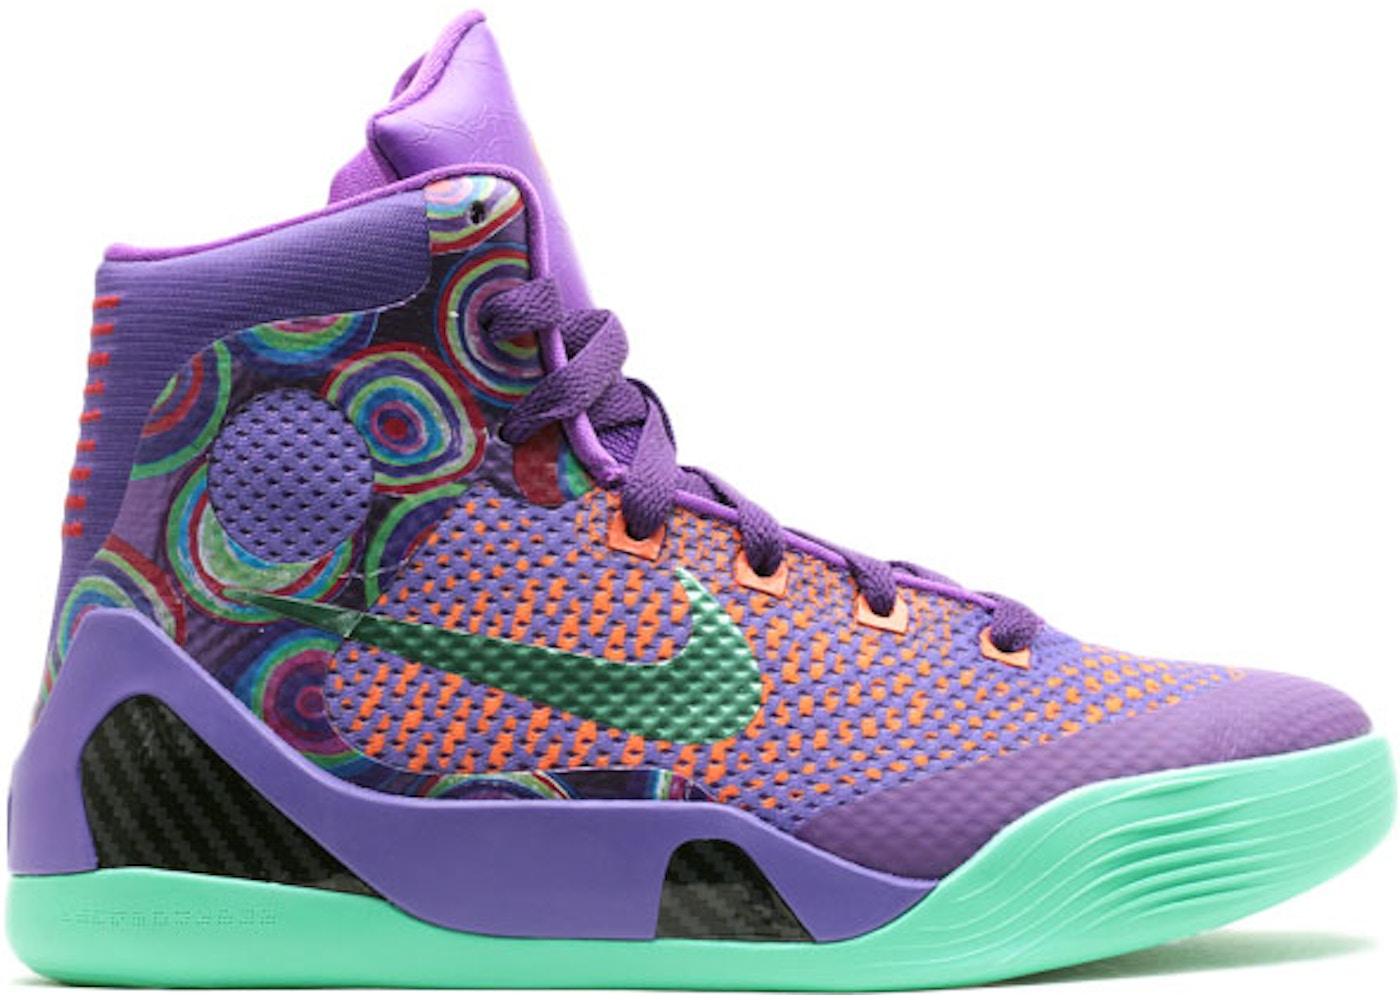 Nike Kobe 9 Elite Purple Venom (GS) - 636602-500